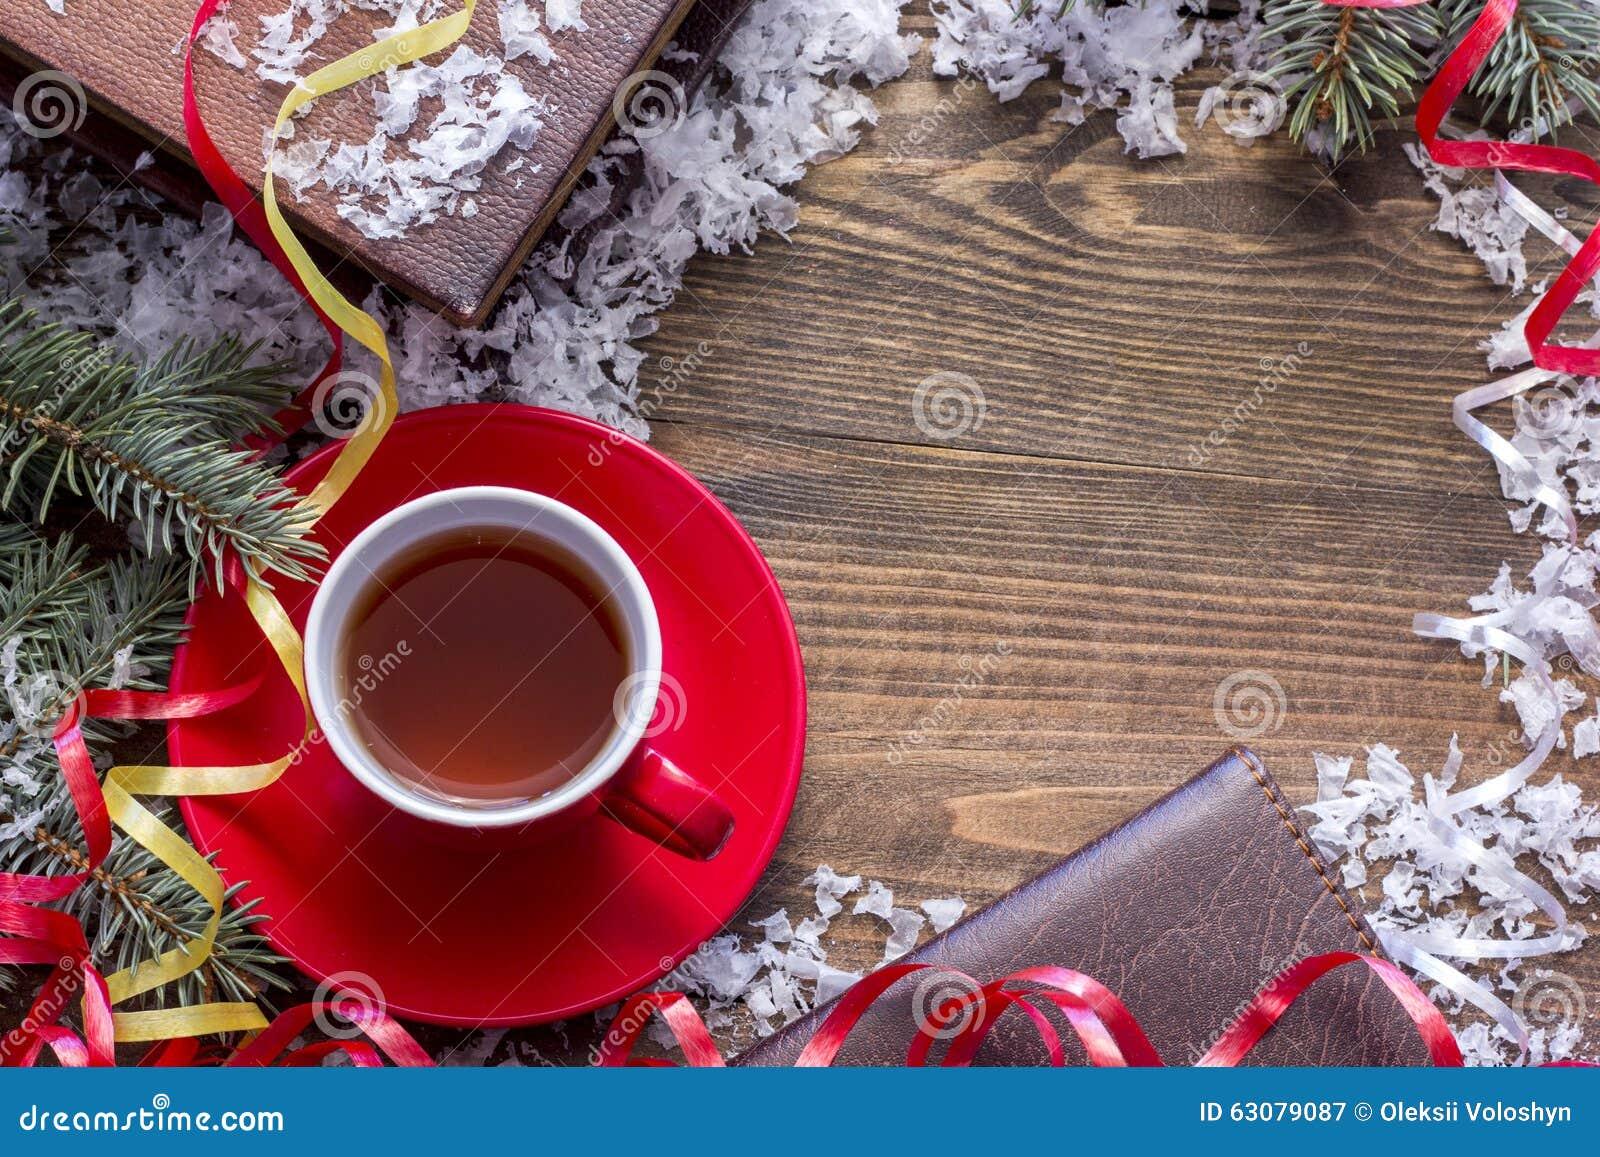 Download Première vue de thé image stock. Image du boire, boisson - 63079087